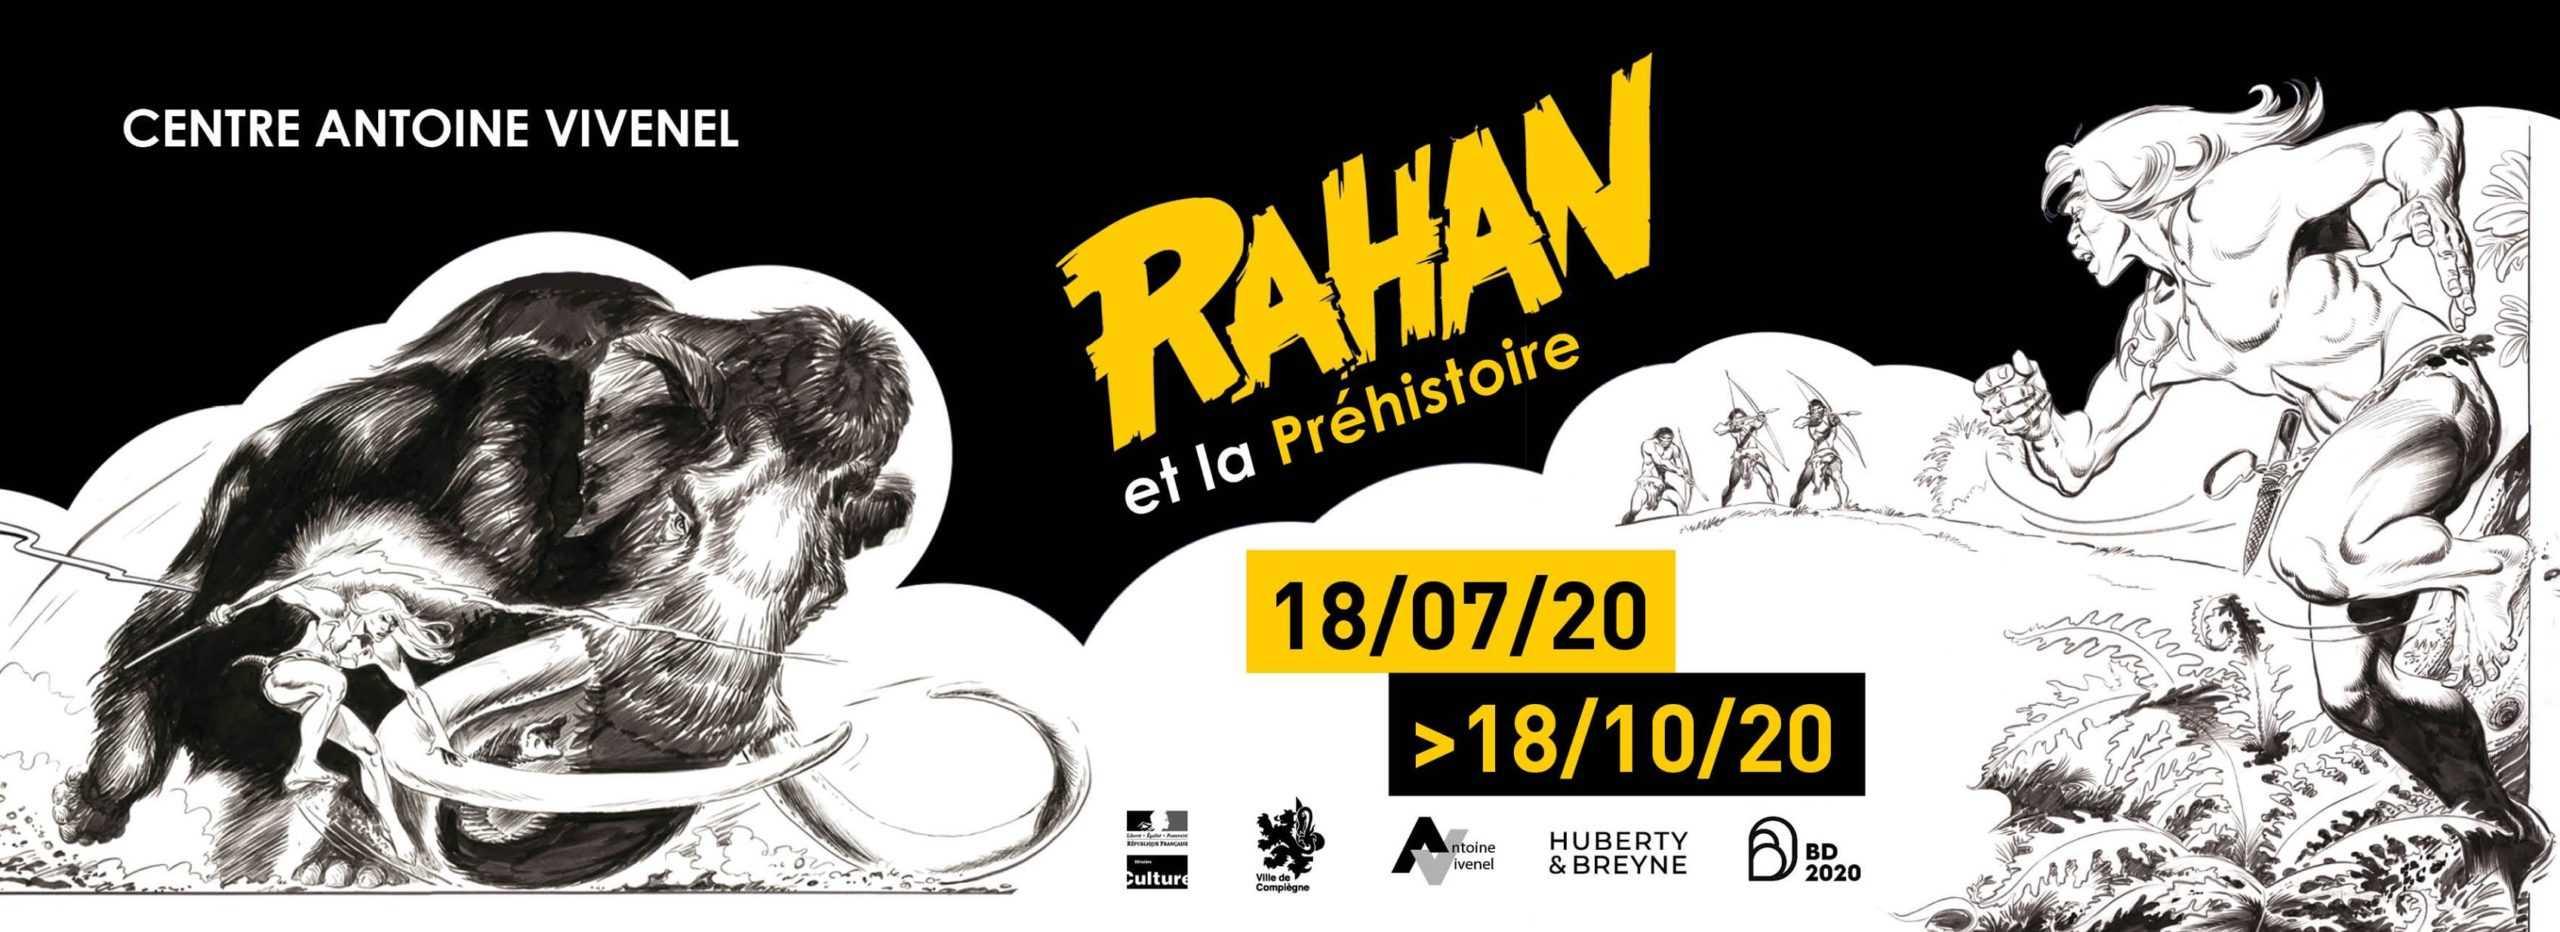 Un été avec Rahan et BD 2020 au musée Antoine Vivenel de Compiègne